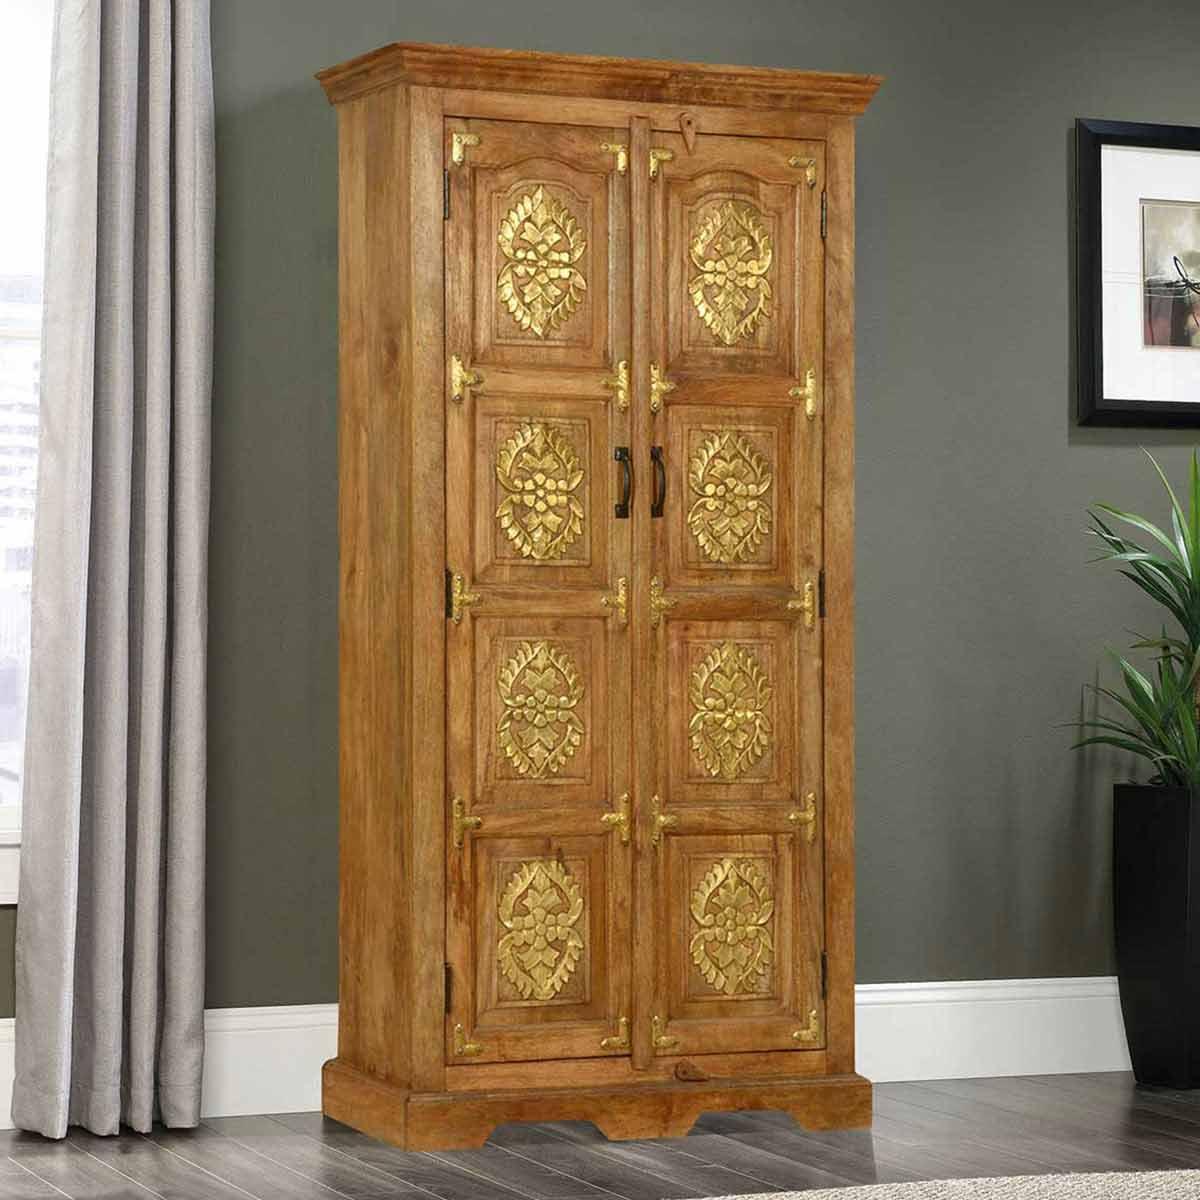 Cornlea Golden Medallion 2 Door Mango Wood Rustic Armoire With Shelves